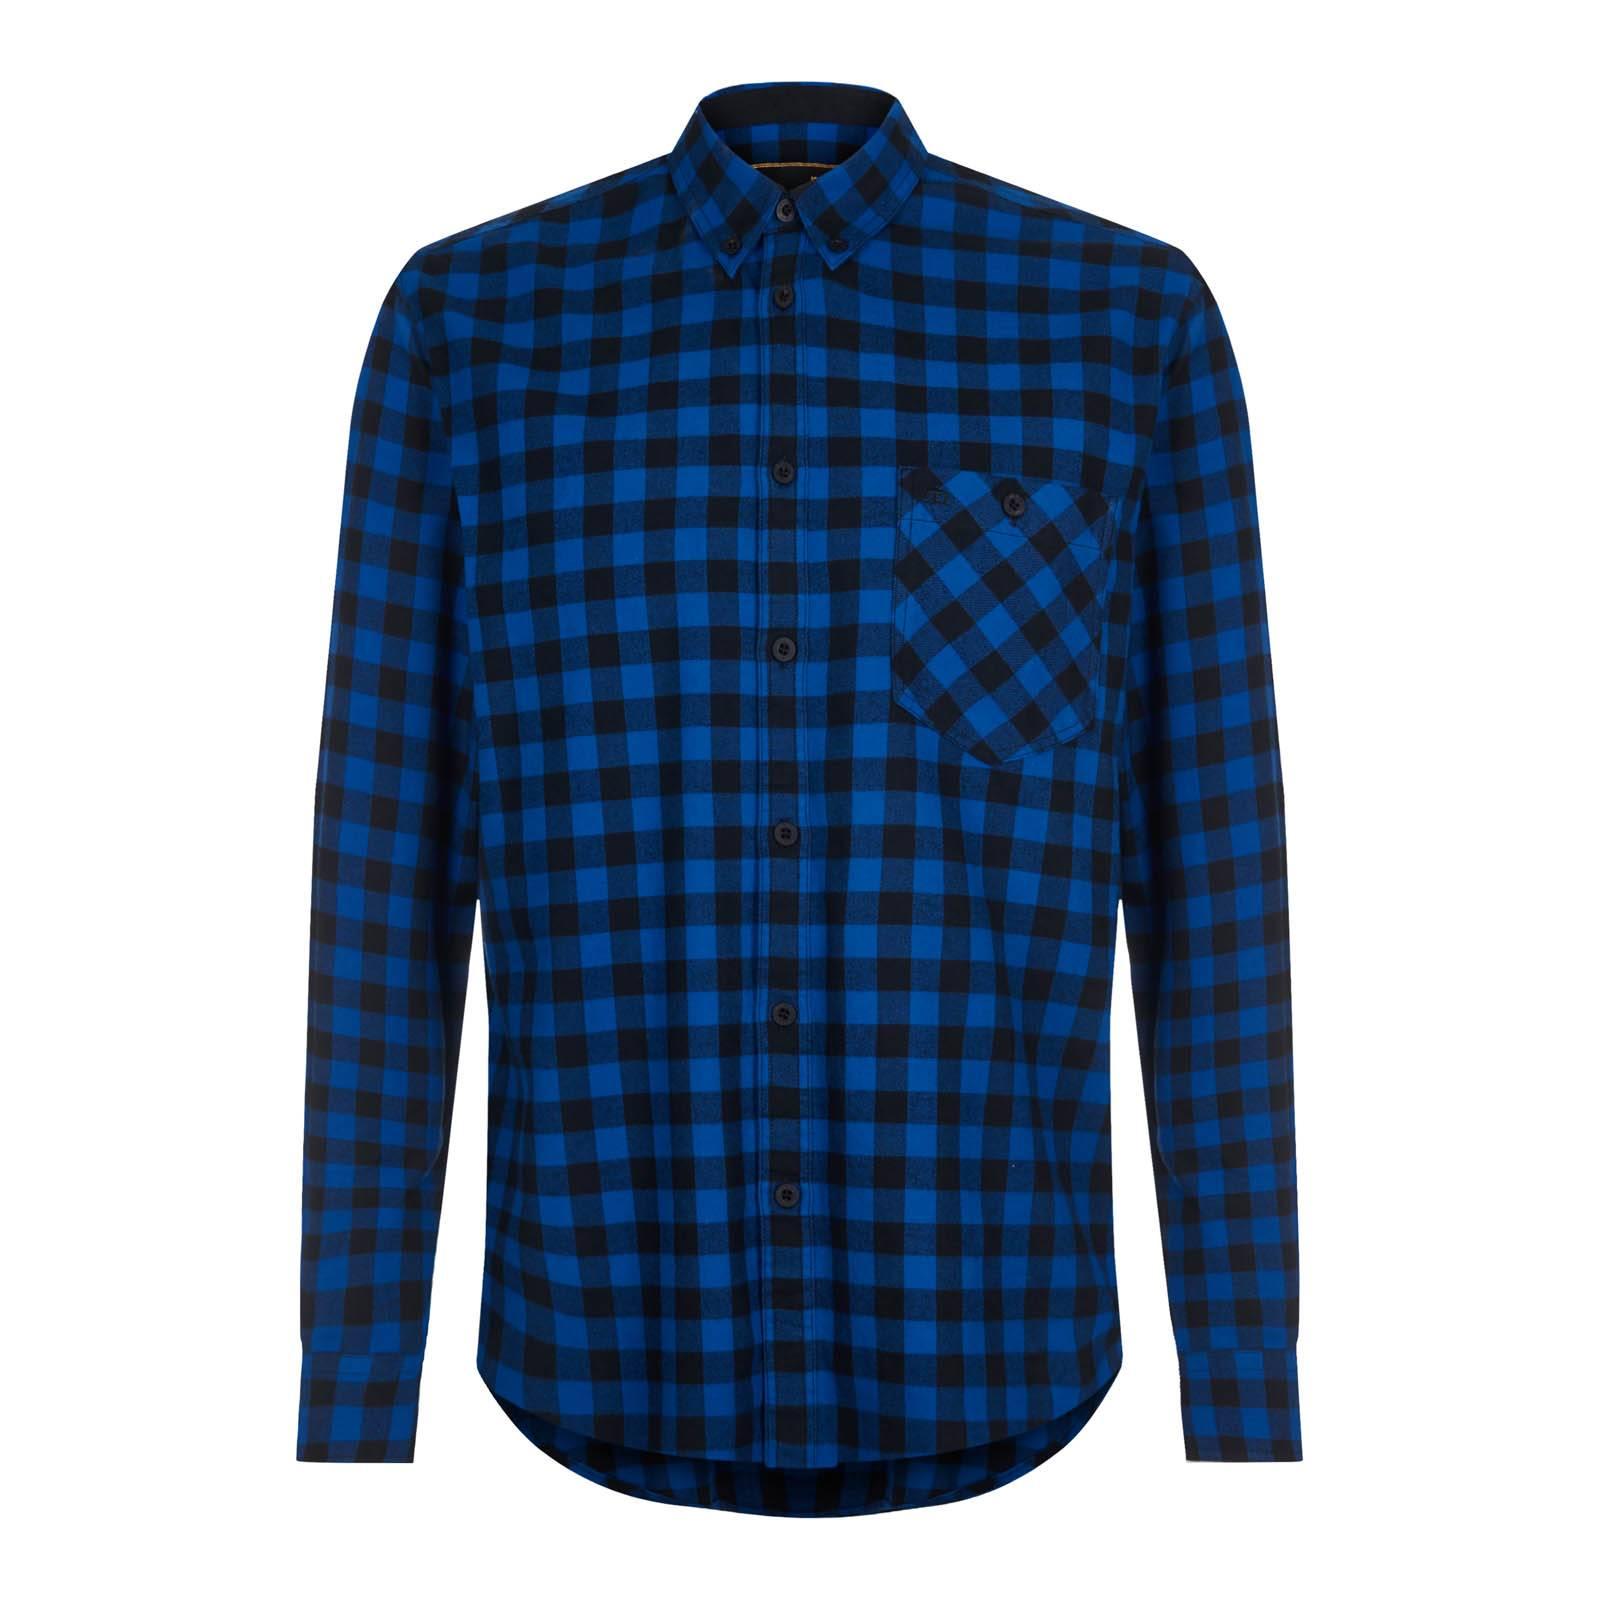 Рубашка FoxhillСлайдер на главной<br>Мужская приталенная рубашка из высококачественного хлопчатобумажного твила – ворсистой, мягкой на ощупь, прочной и долговечной ткани, выработанной саржевым (диагональным) переплетением нитей. Сочетание традиционного для британских сорочек button-down воротника на пуговицах с крупным клетчатым узором, представляющим собой нечто среднее между английской клеткой gingham и американской lumberjack plaid или иначе buffalo check (изначально  — фамильный тартан старейшего шотландского королевского клана МакГрегоров, чьи потомки перебрались за океан и в XVIII веке популяризировали этот орнамент в США), служит своего рода примирением мод-стиля с популярной сегодня модой «городских лесорубов». Благодаря удлиненной спинке не выправляется из джинсов. Также носится навыпуск с чиносами или шортами. Хорошо сочетается с парками. Брендирована вышивкой фирменного логотипа Корона на нагрудном кармане.<br><br>Артикул: 1516212<br>Материал: 100% хлопок<br>Цвет: синий<br>Пол: Мужской